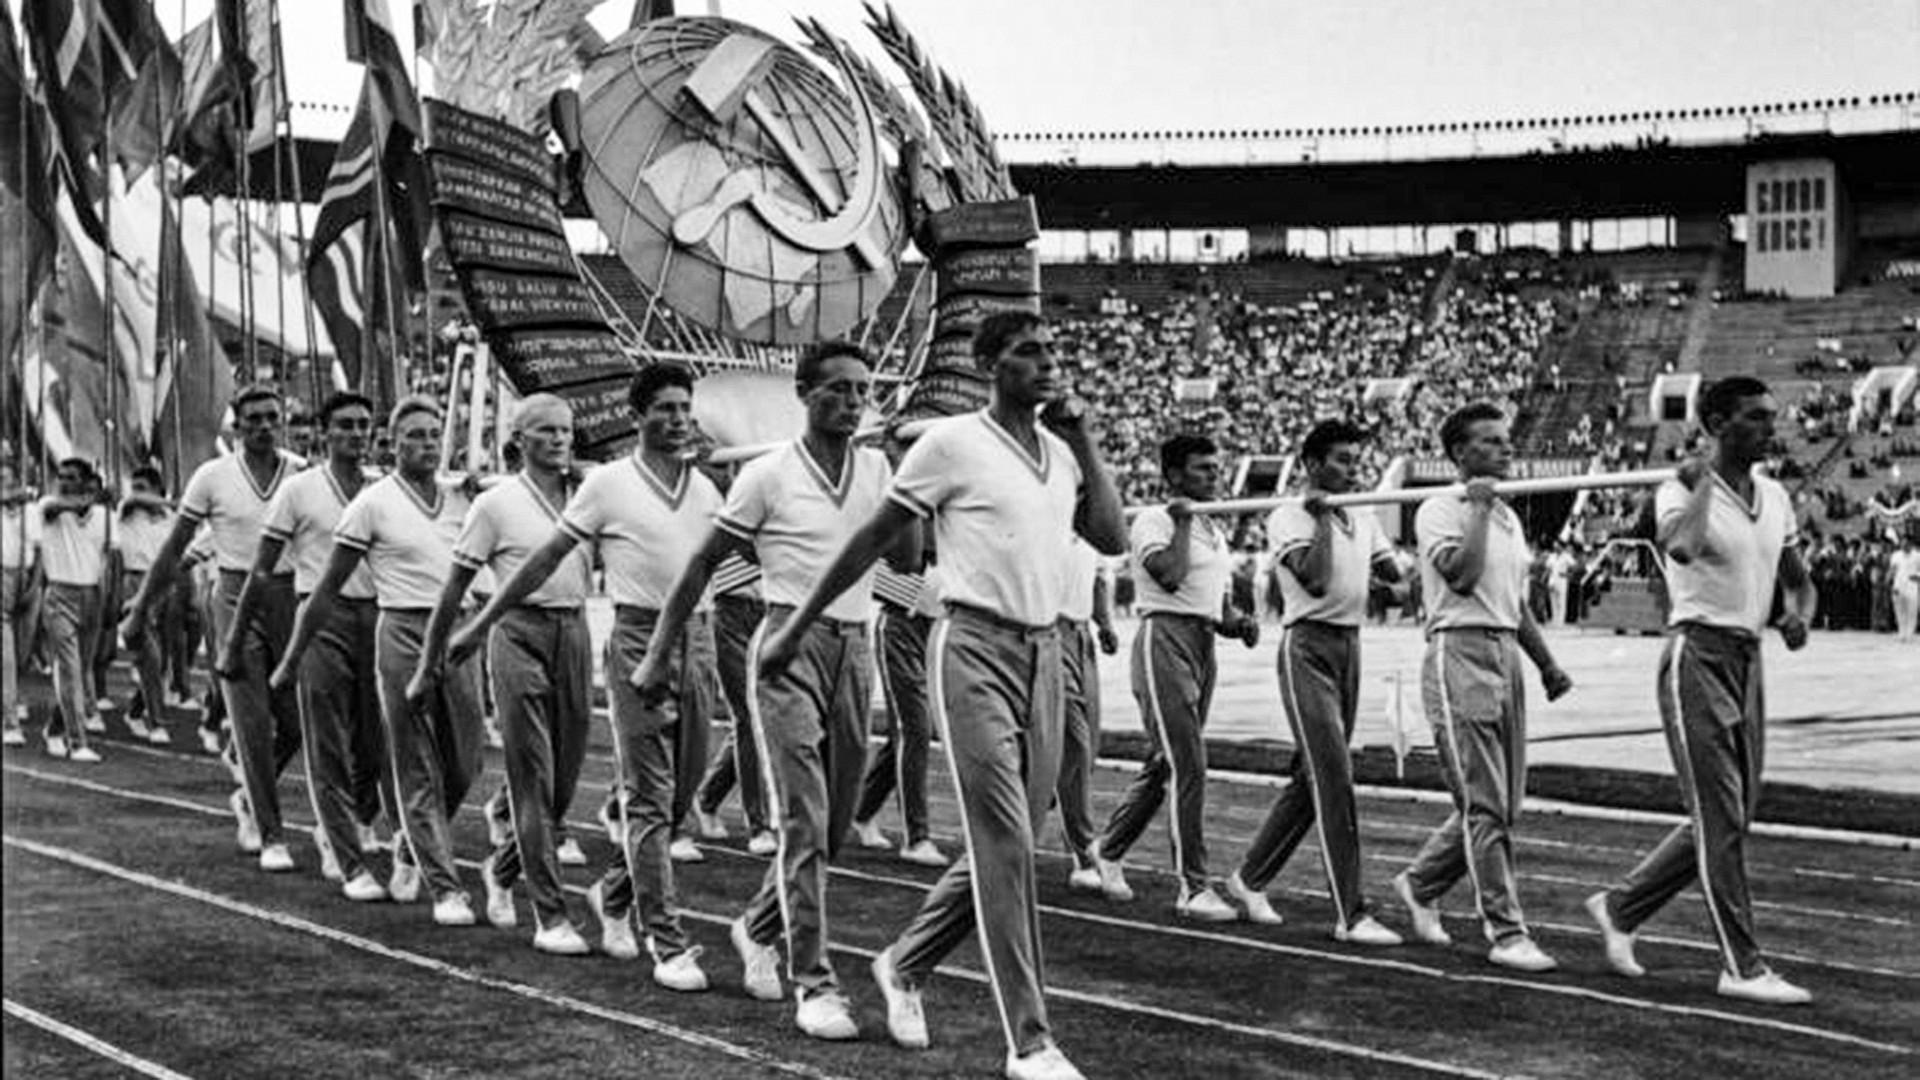 Atlet-atlet Soviet pada tahun 1950-an.